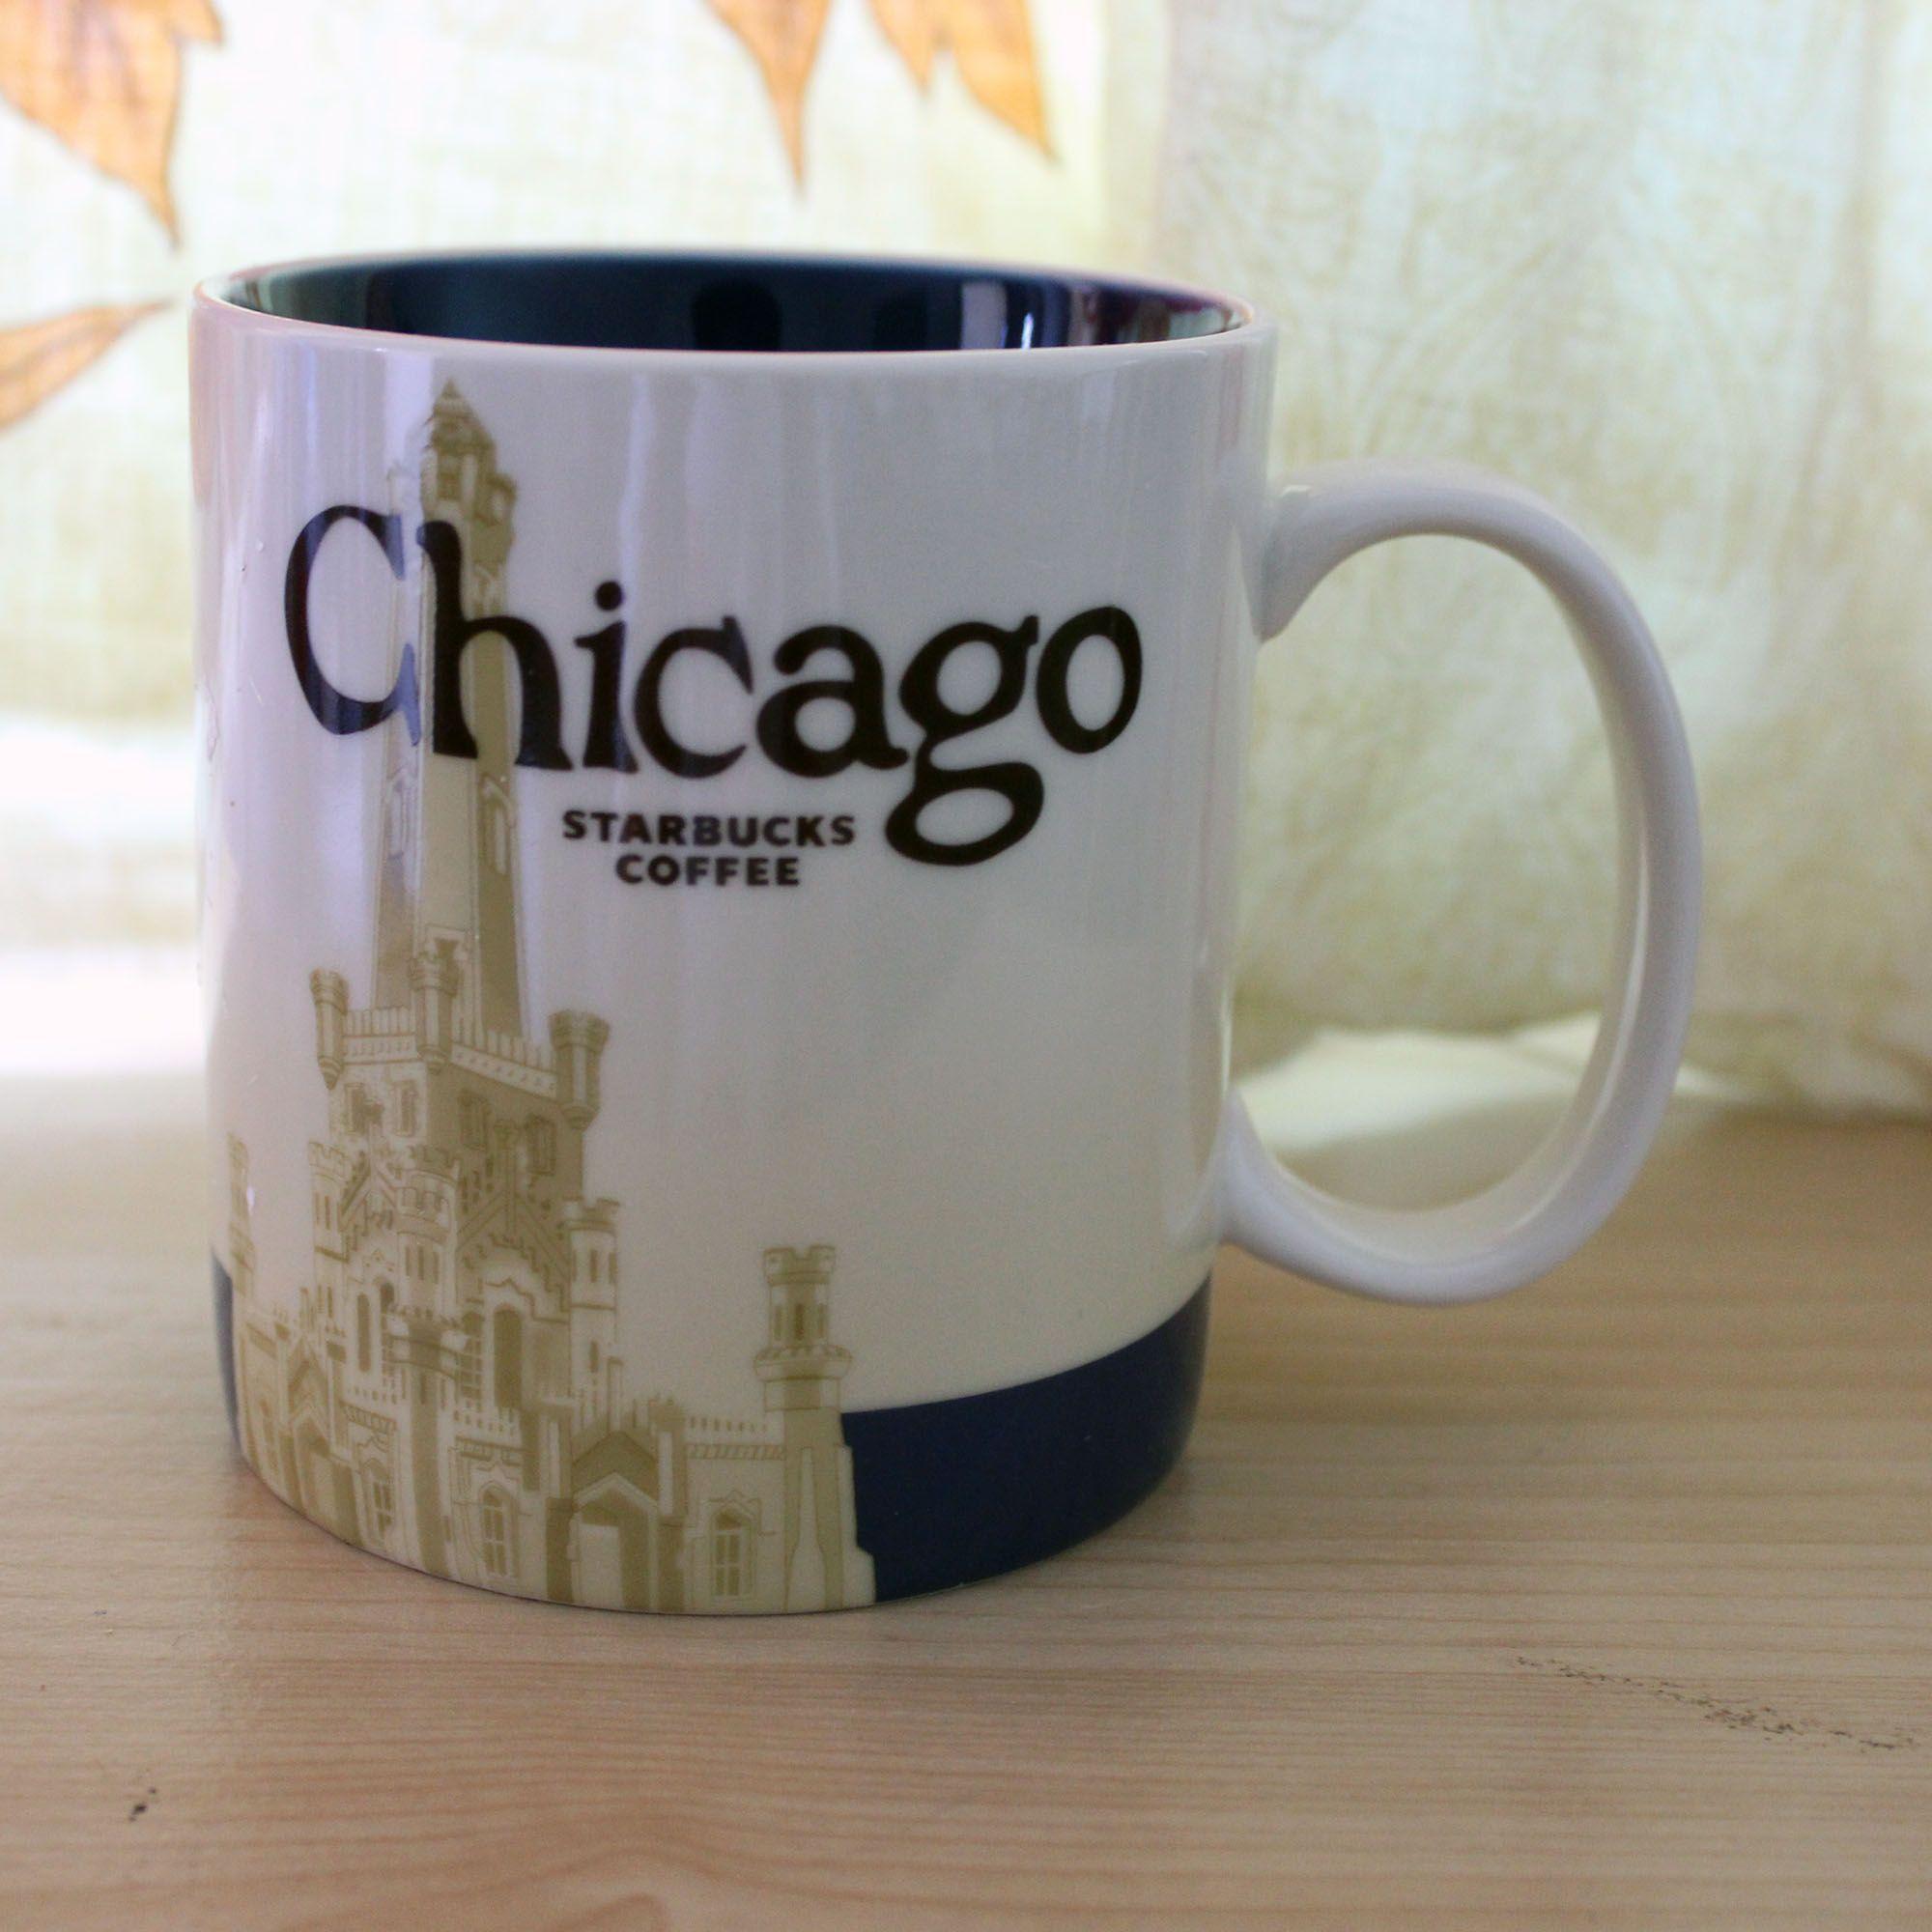 16oz емкость керамическая городская кружка Лучшая классическая кофейная кружка чашка Чикаго Сити